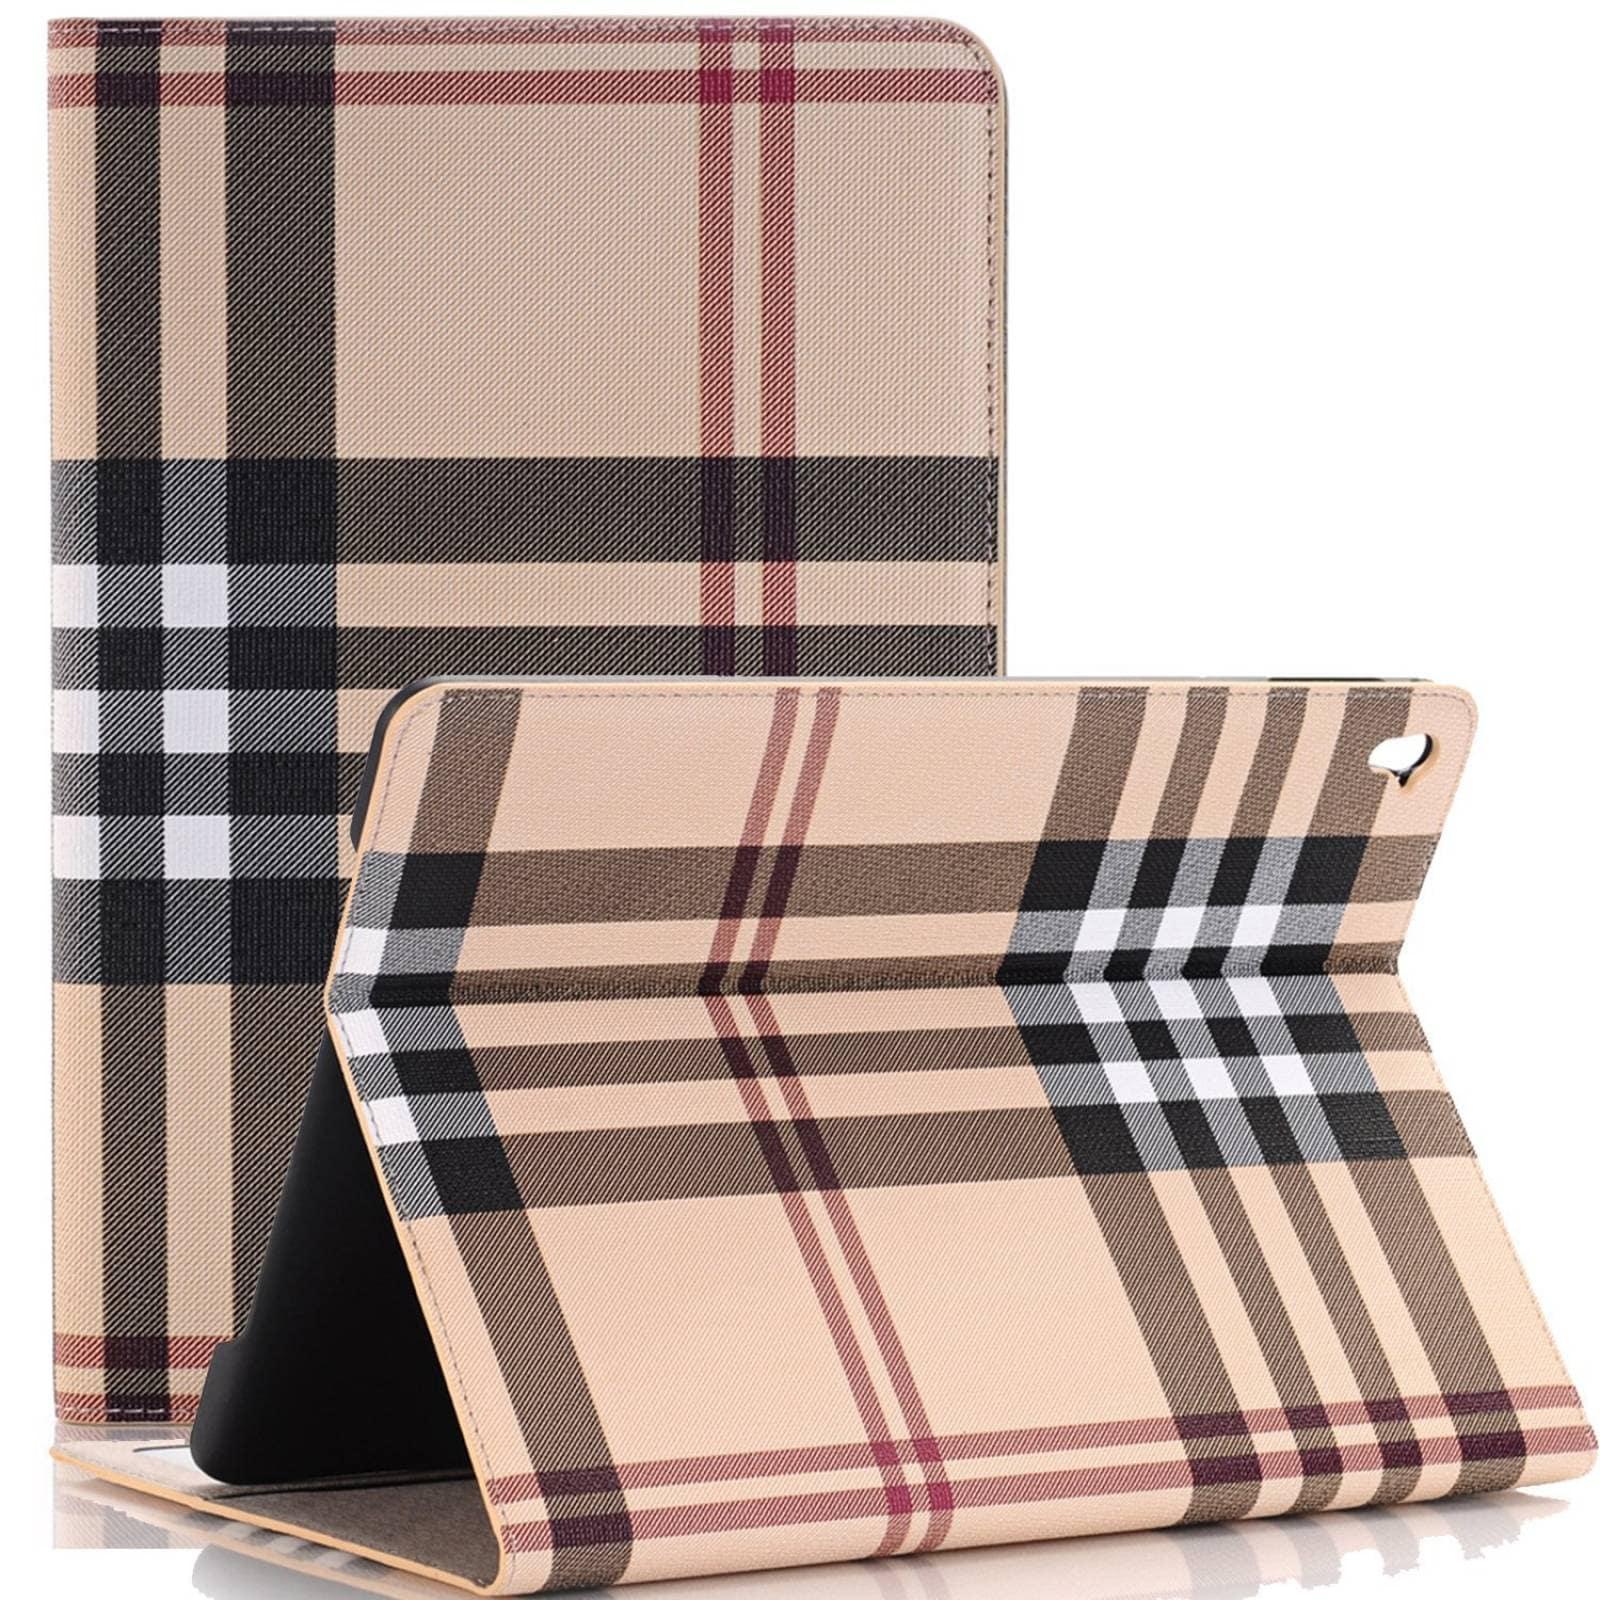 iPad Pro 9.7 cubierta funda XRPow rejilla patrón dis -Blanco